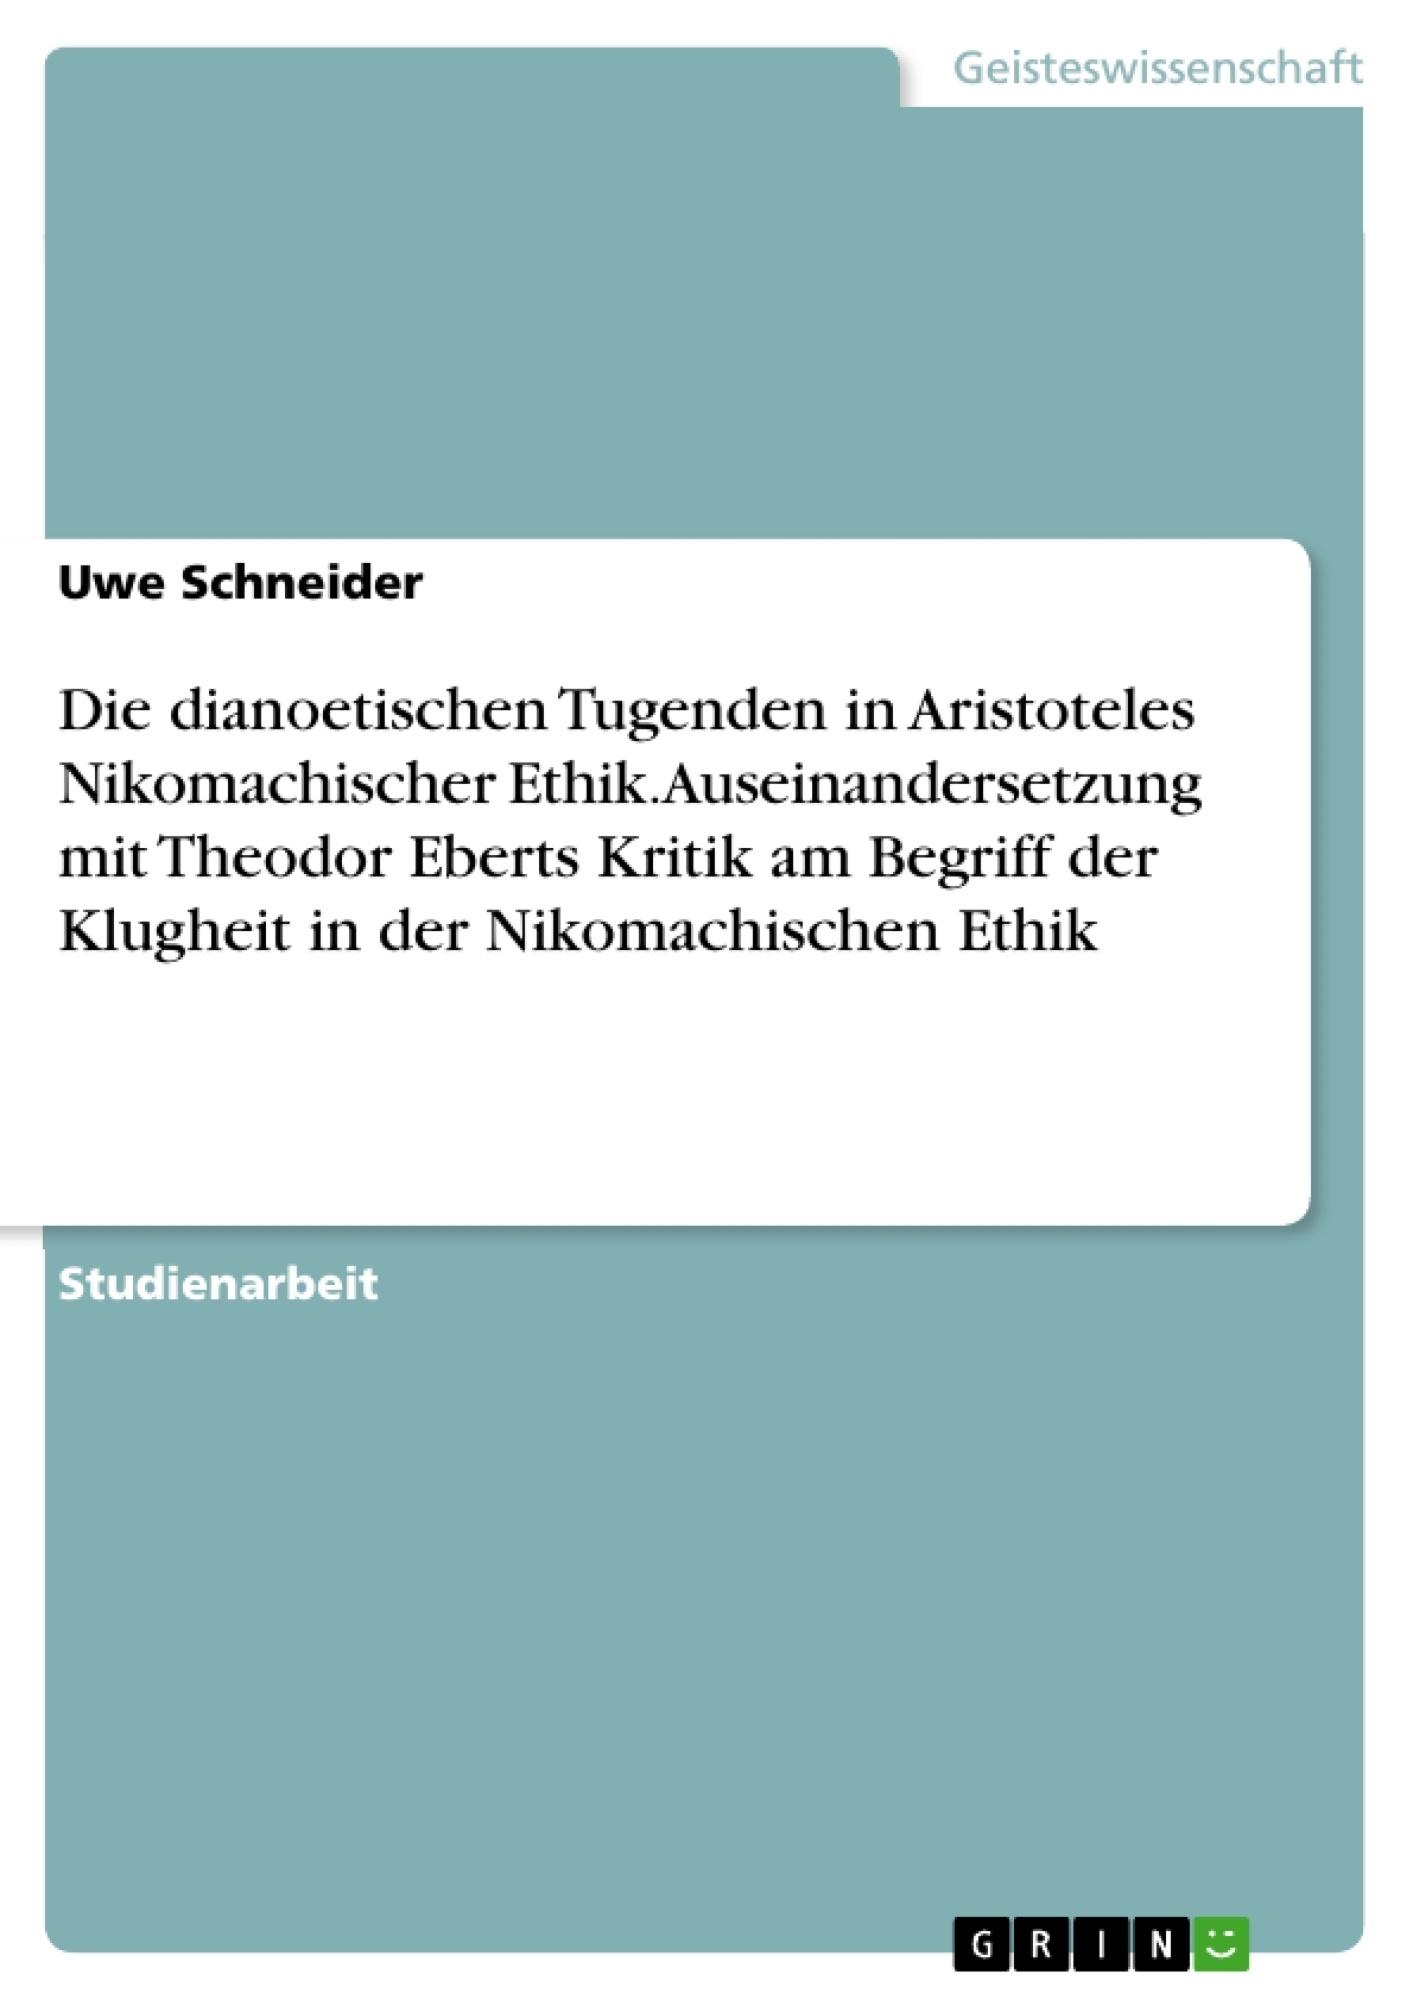 Titel: Die dianoetischen Tugenden in Aristoteles Nikomachischer Ethik. Auseinandersetzung mit Theodor Eberts Kritik am Begriff der Klugheit in der Nikomachischen Ethik